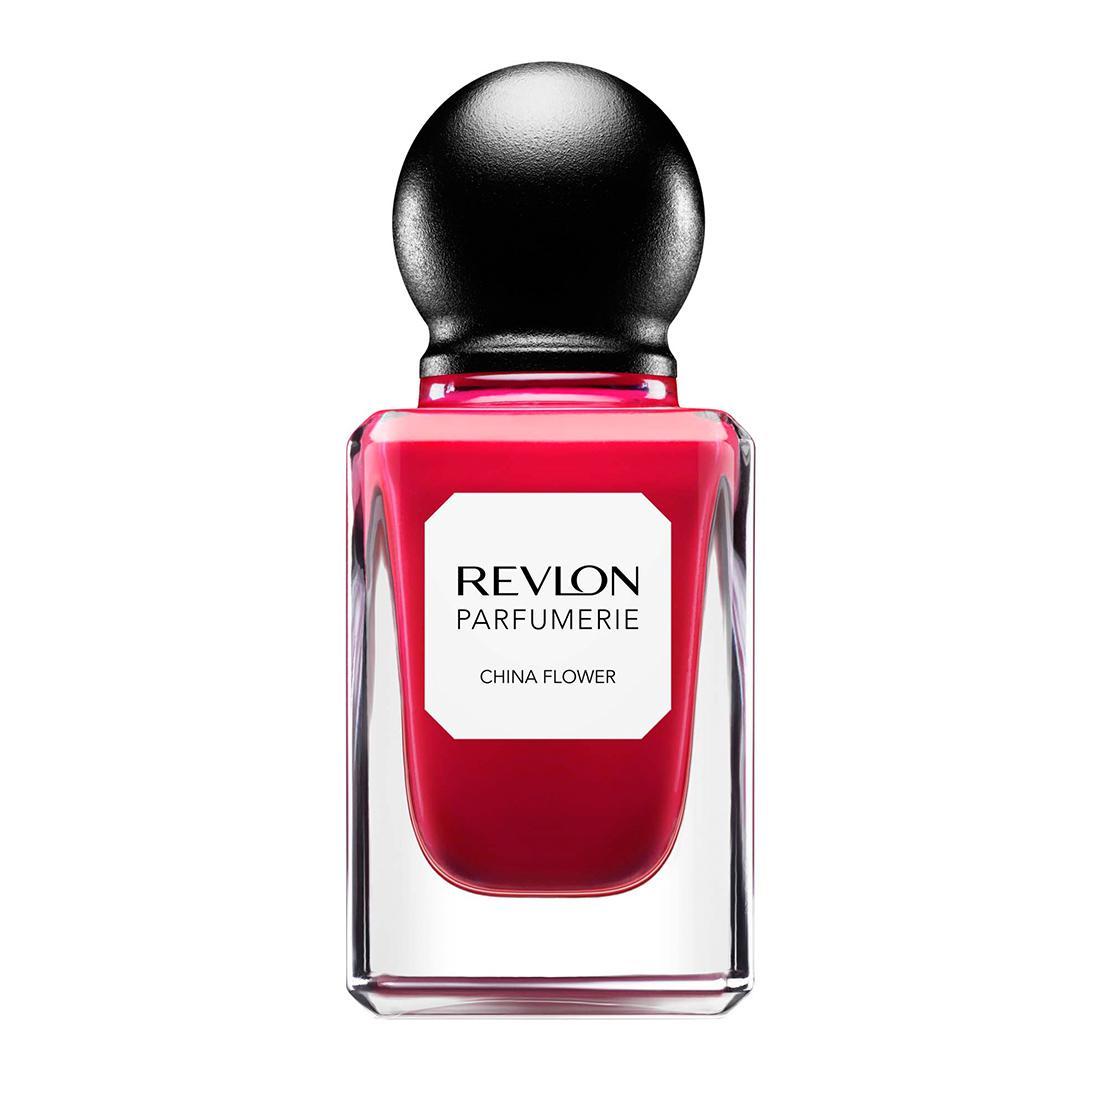 Revlon - Vernis à Ongles Parfumerie